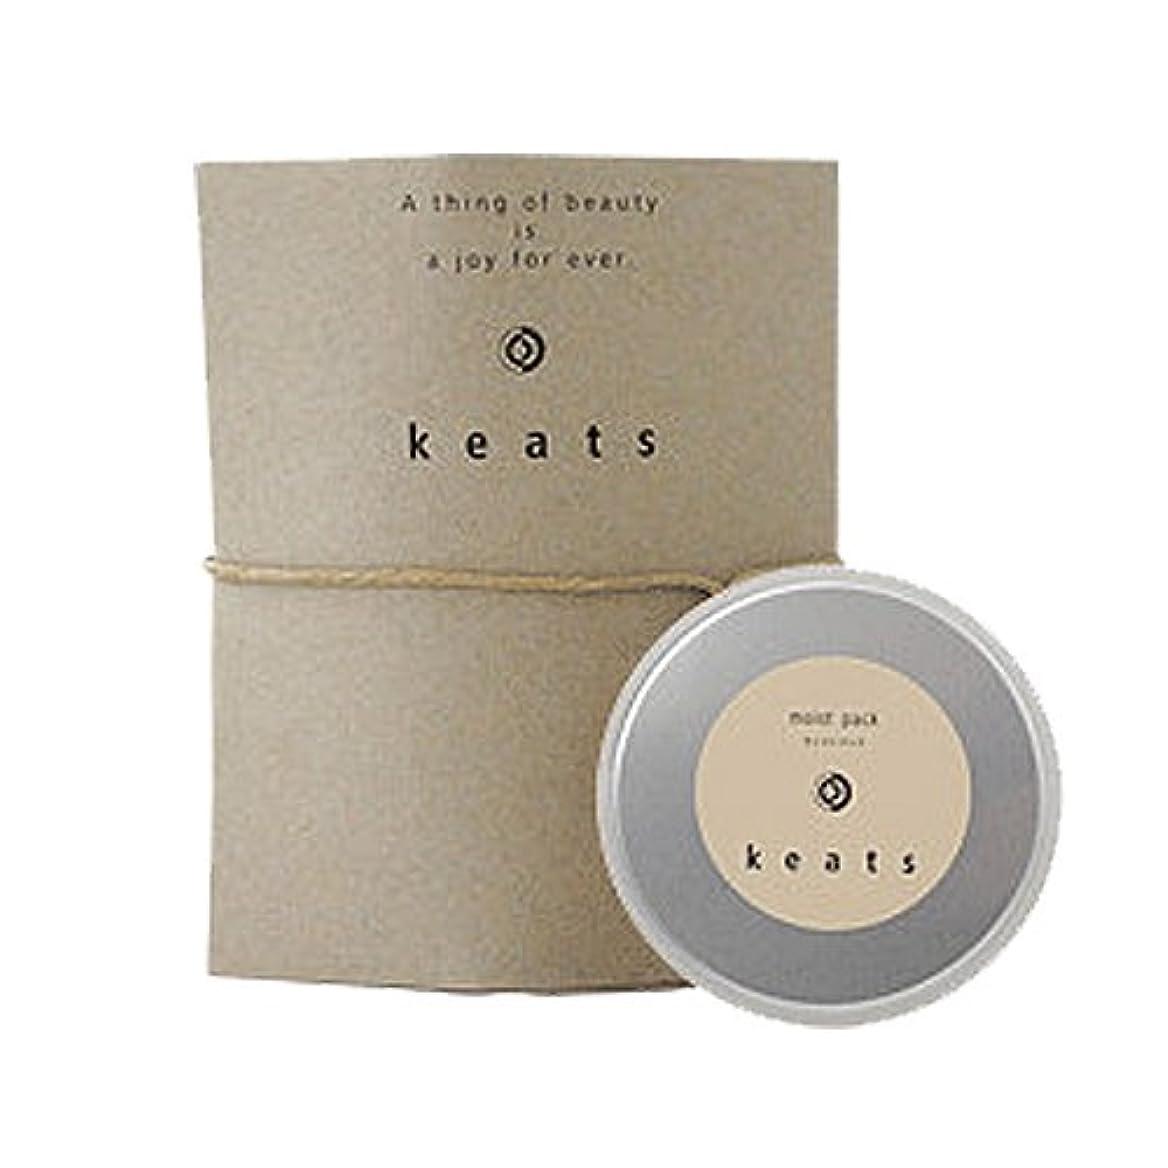 毎月分離する中断キーツ(keats) モイストパック 80g[並行輸入品]